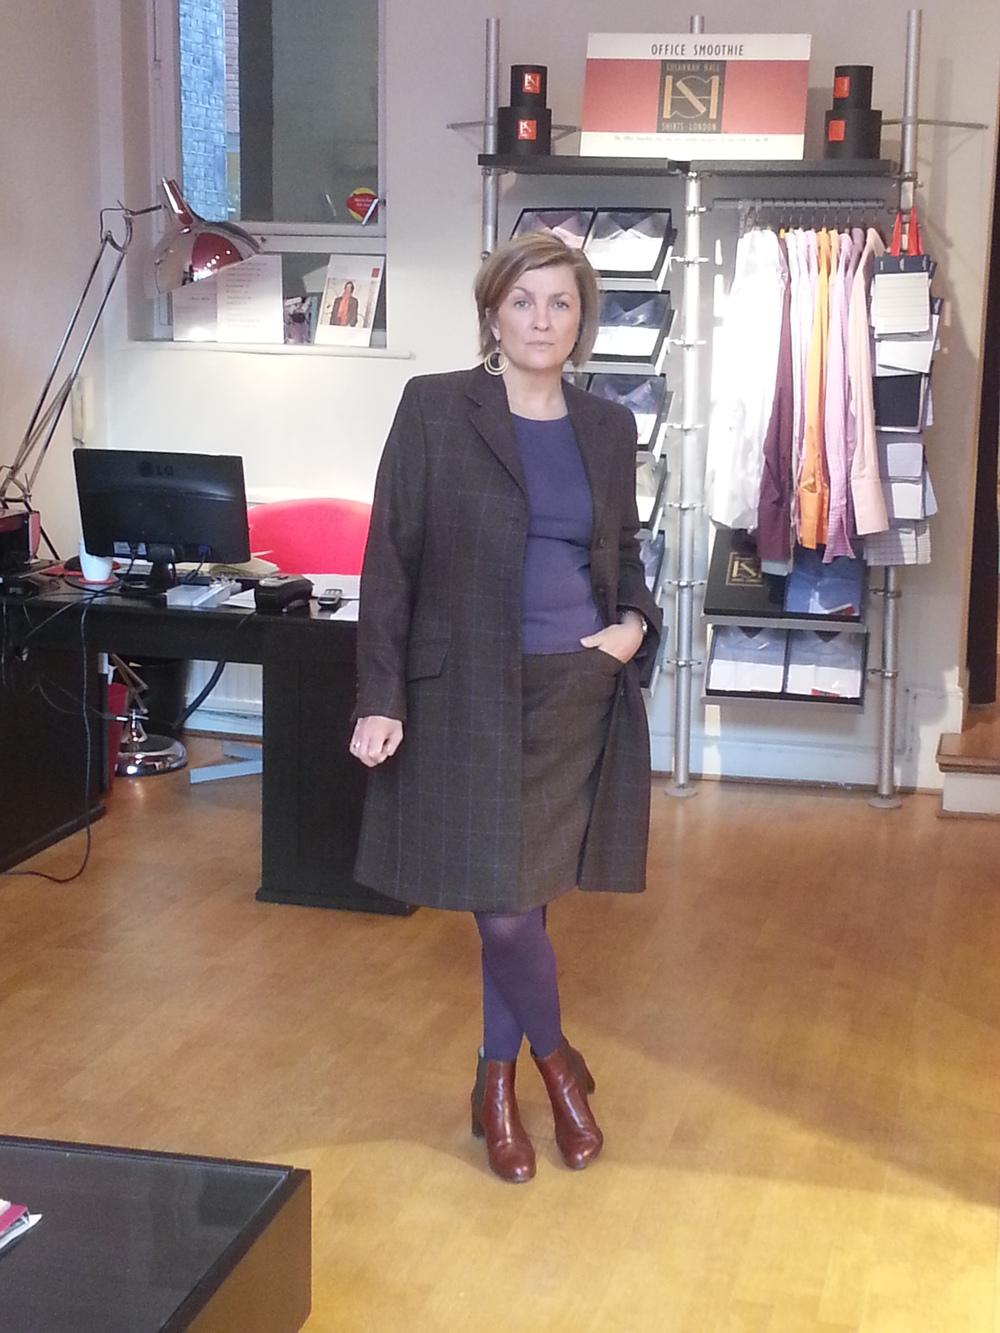 susannah-hall-tweed-ladies-skirt-suit-brown-purple-bespoke-check-wool-all-uk-made.jpg